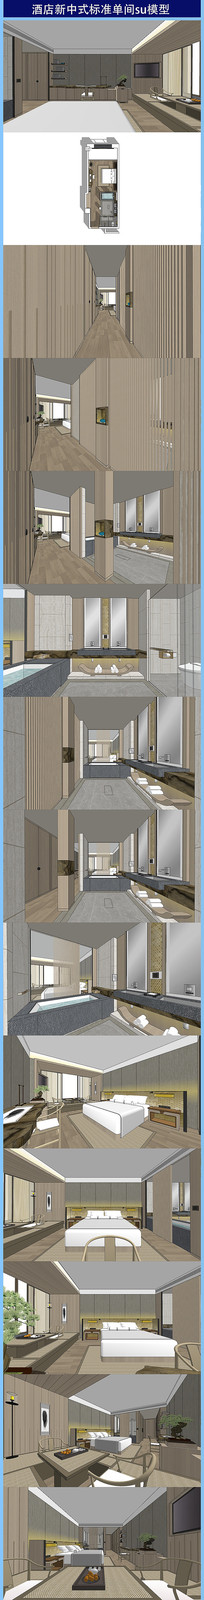 酒店新中式标准单间su模型